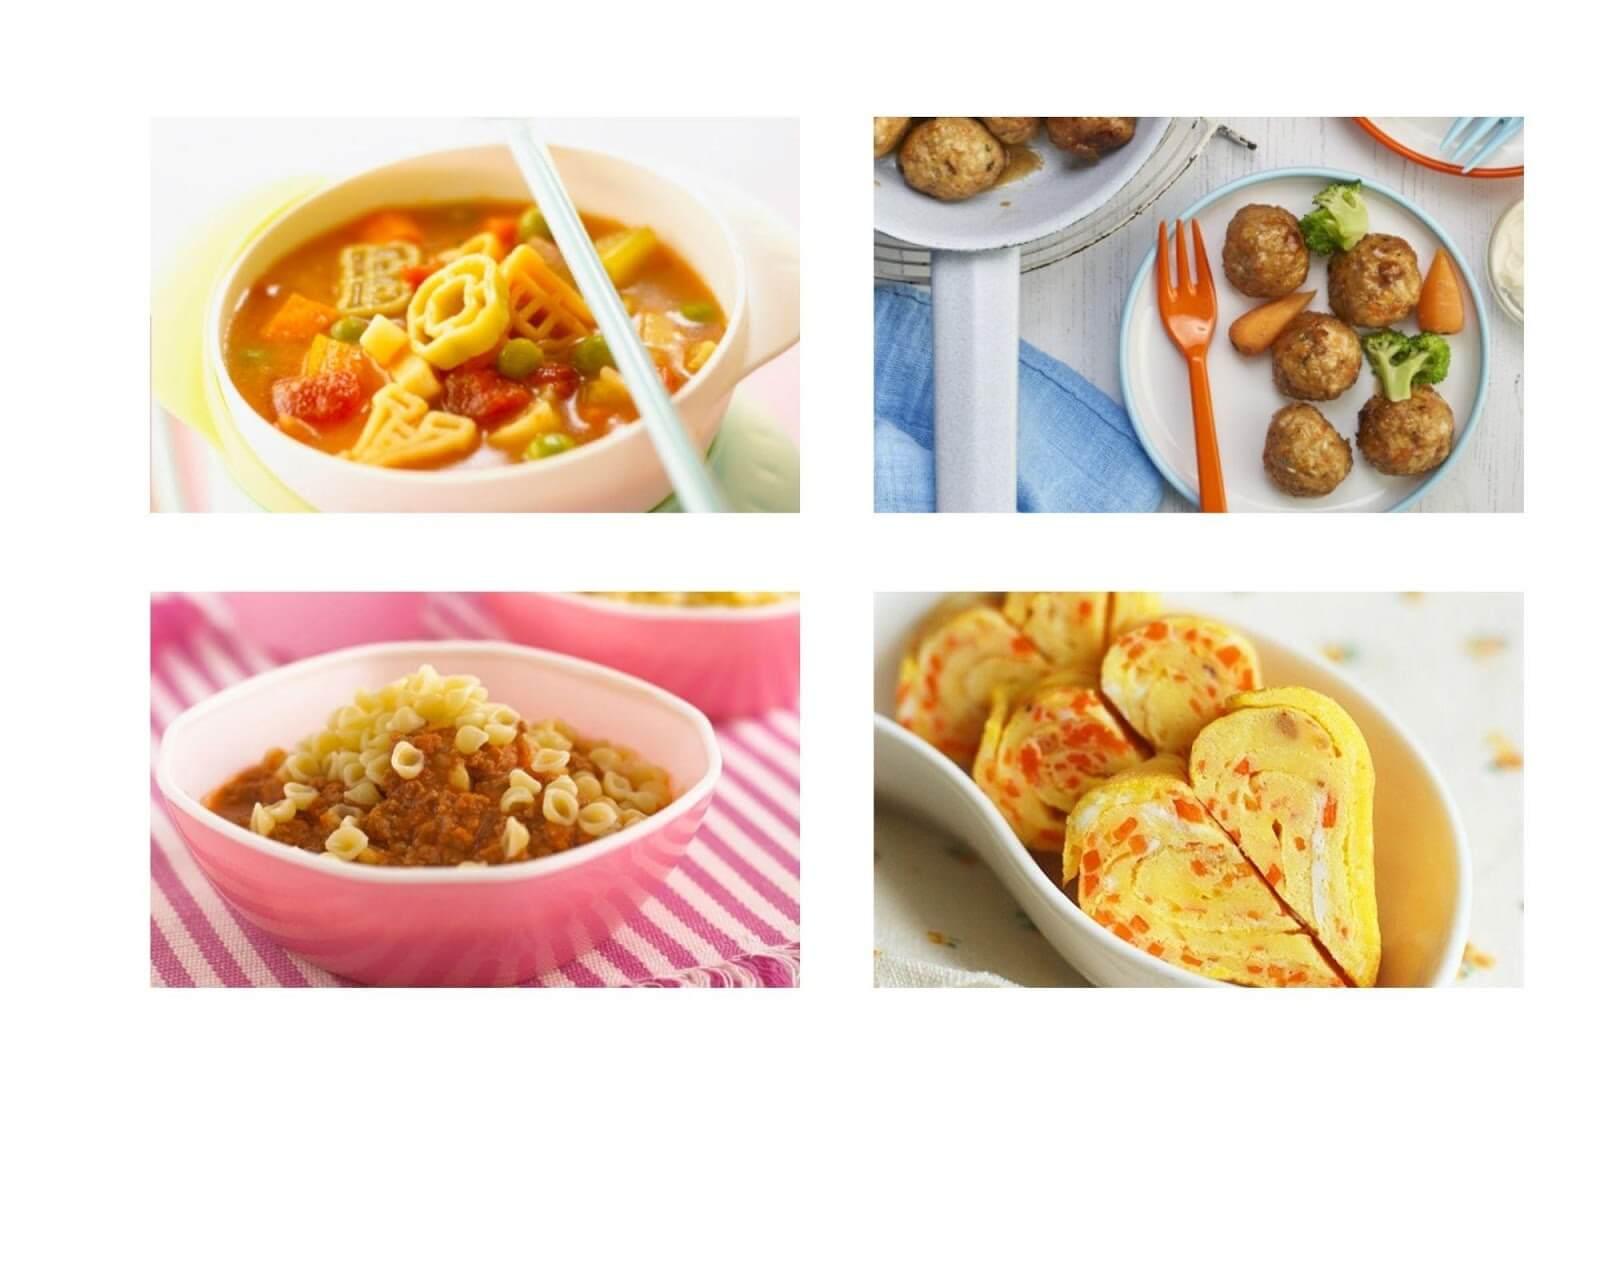 Các món ăn chính hấp dẫn giúp trẻ 18 tháng ăn ngon miệng hơn